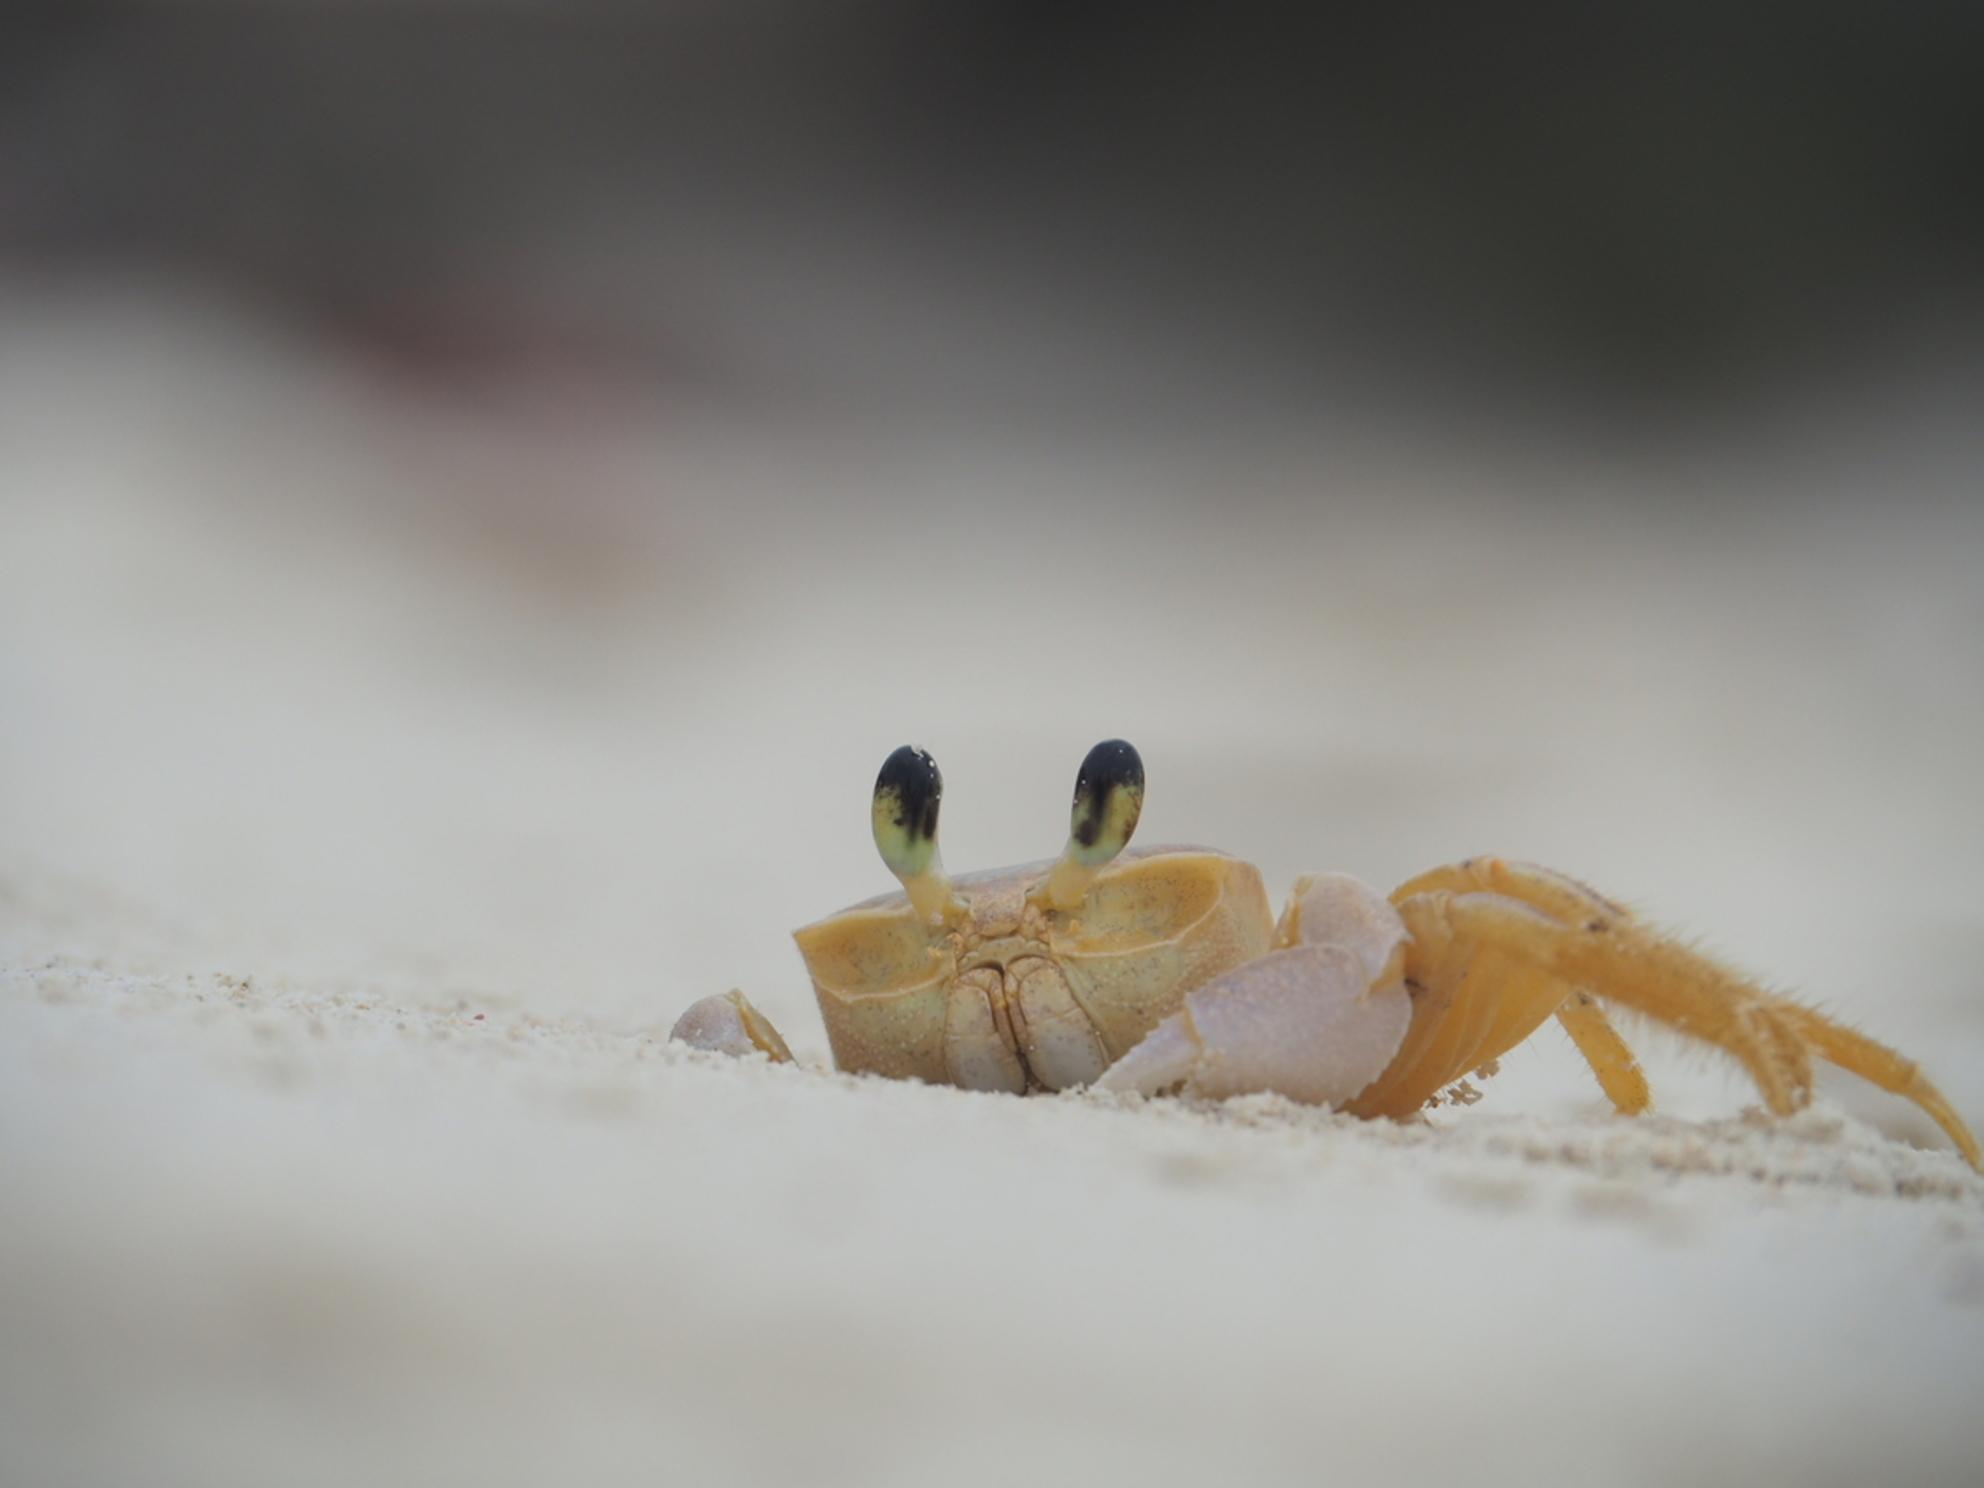 Kiekeboe - Half uur zitten wachten tot ie weer uit zijn holletje kwam. Geduld wordt beloond. Leuk als dingen lukken. - foto door langeman1969 op 21-06-2019 - deze foto bevat: zee, klein, krab, wildlife, curacao - Deze foto mag gebruikt worden in een Zoom.nl publicatie